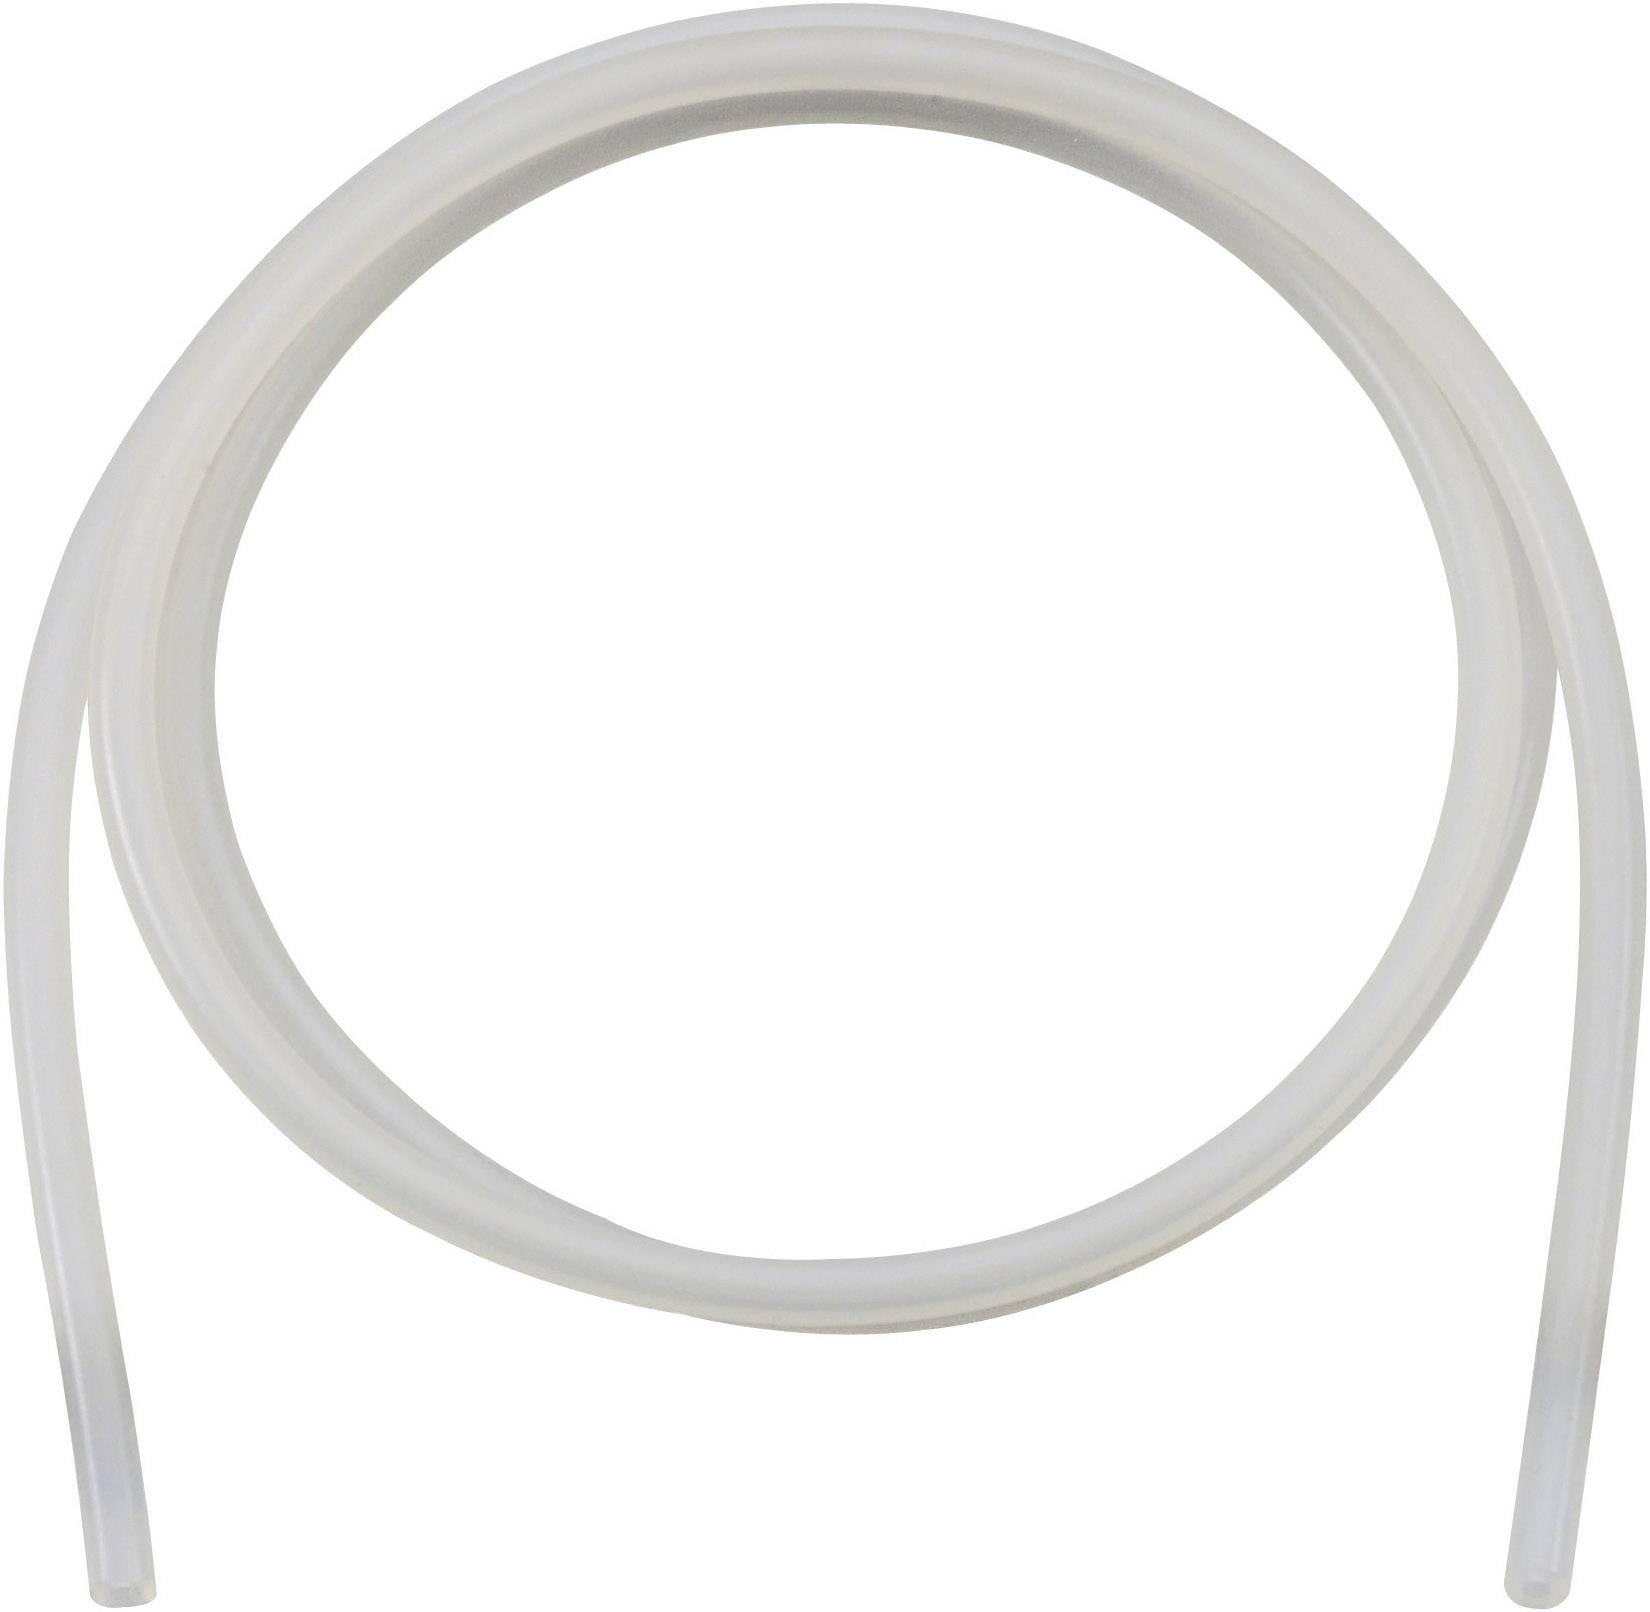 Silikonová palivová hadice Reely, Ø 2 mm, čirá